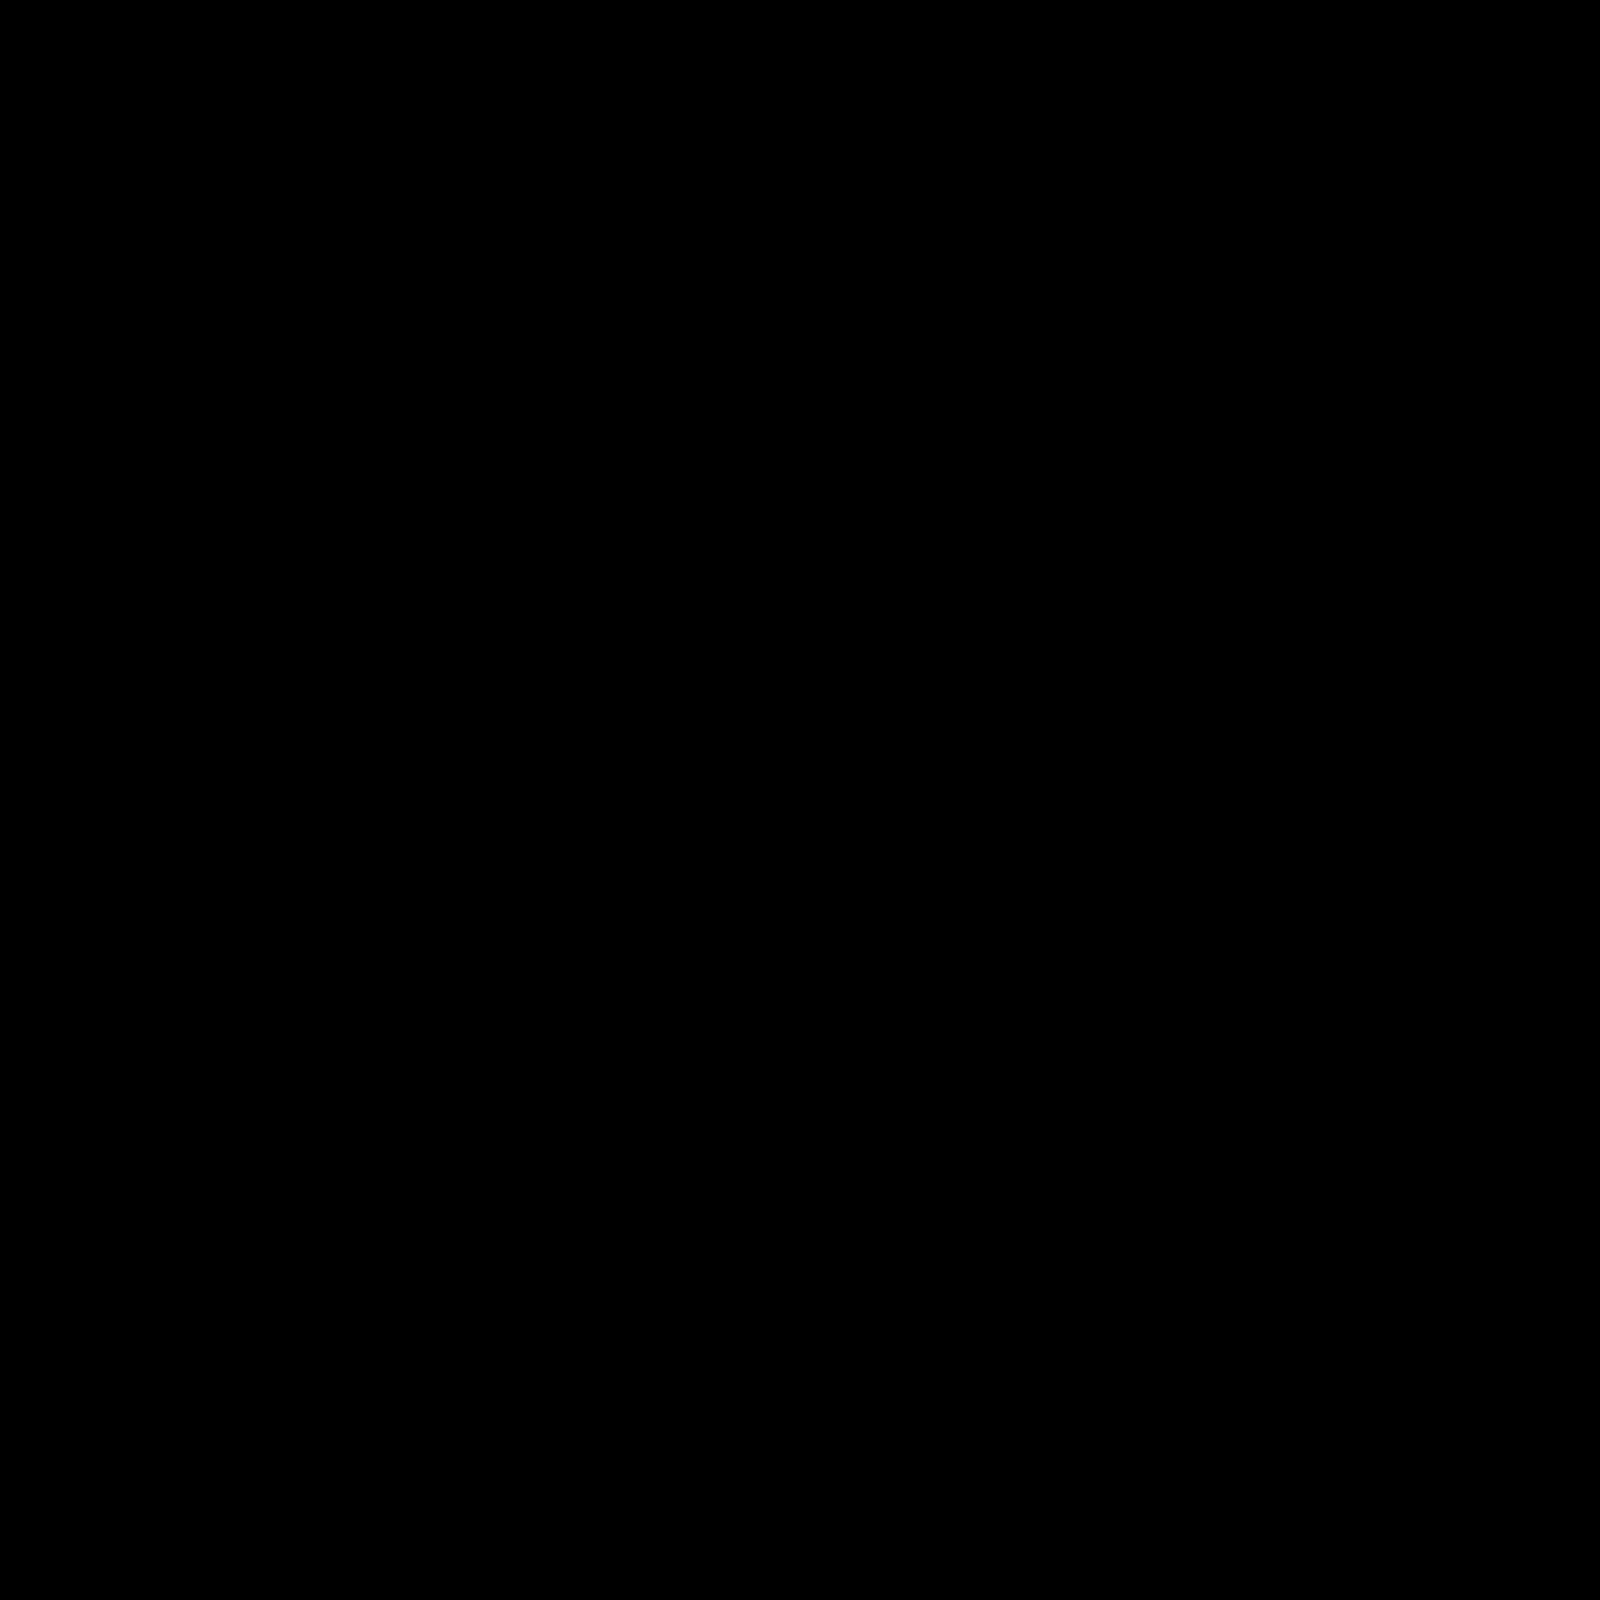 Znacznik icon